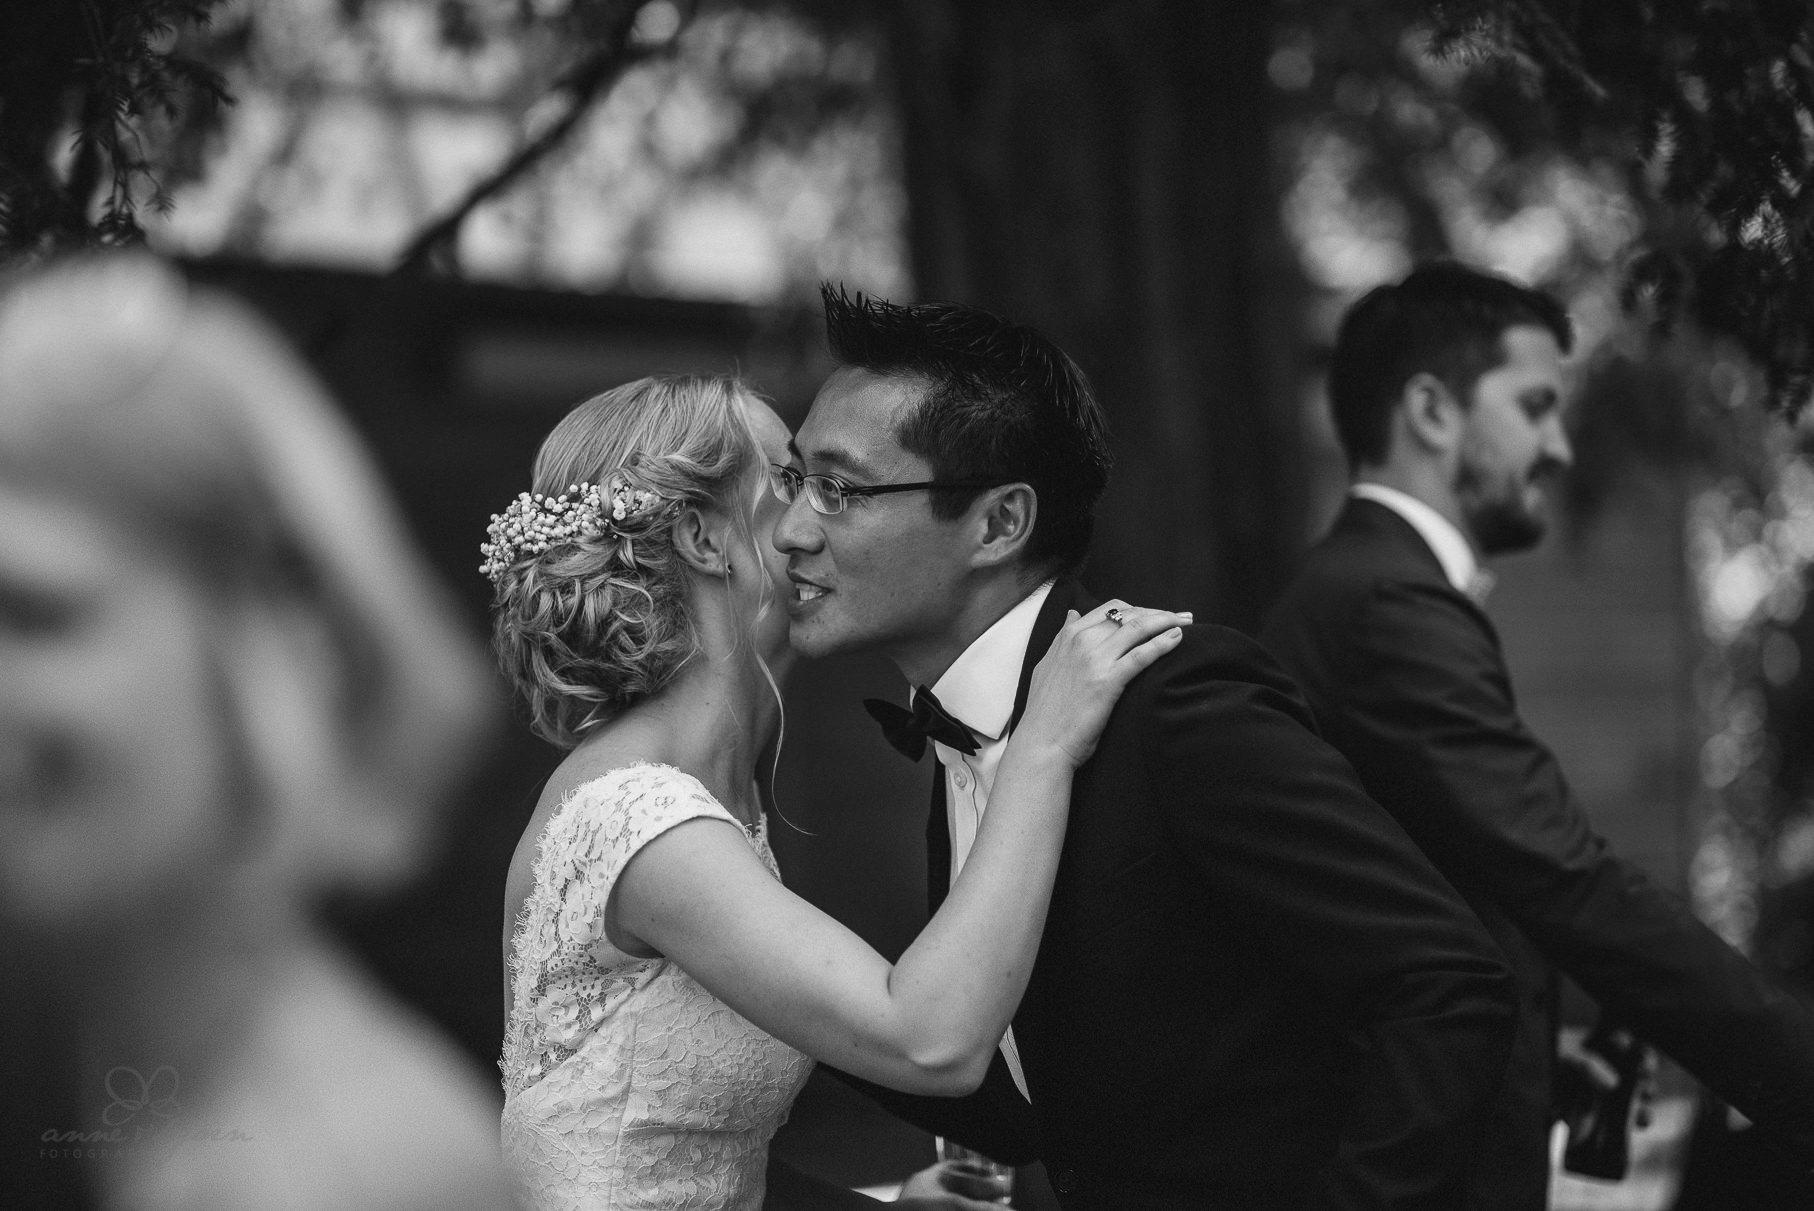 0068 anne und bjoern hochzeit schweiz d75 0423 - DIY Hochzeit in der Schweiz - Sabrina & Christoph